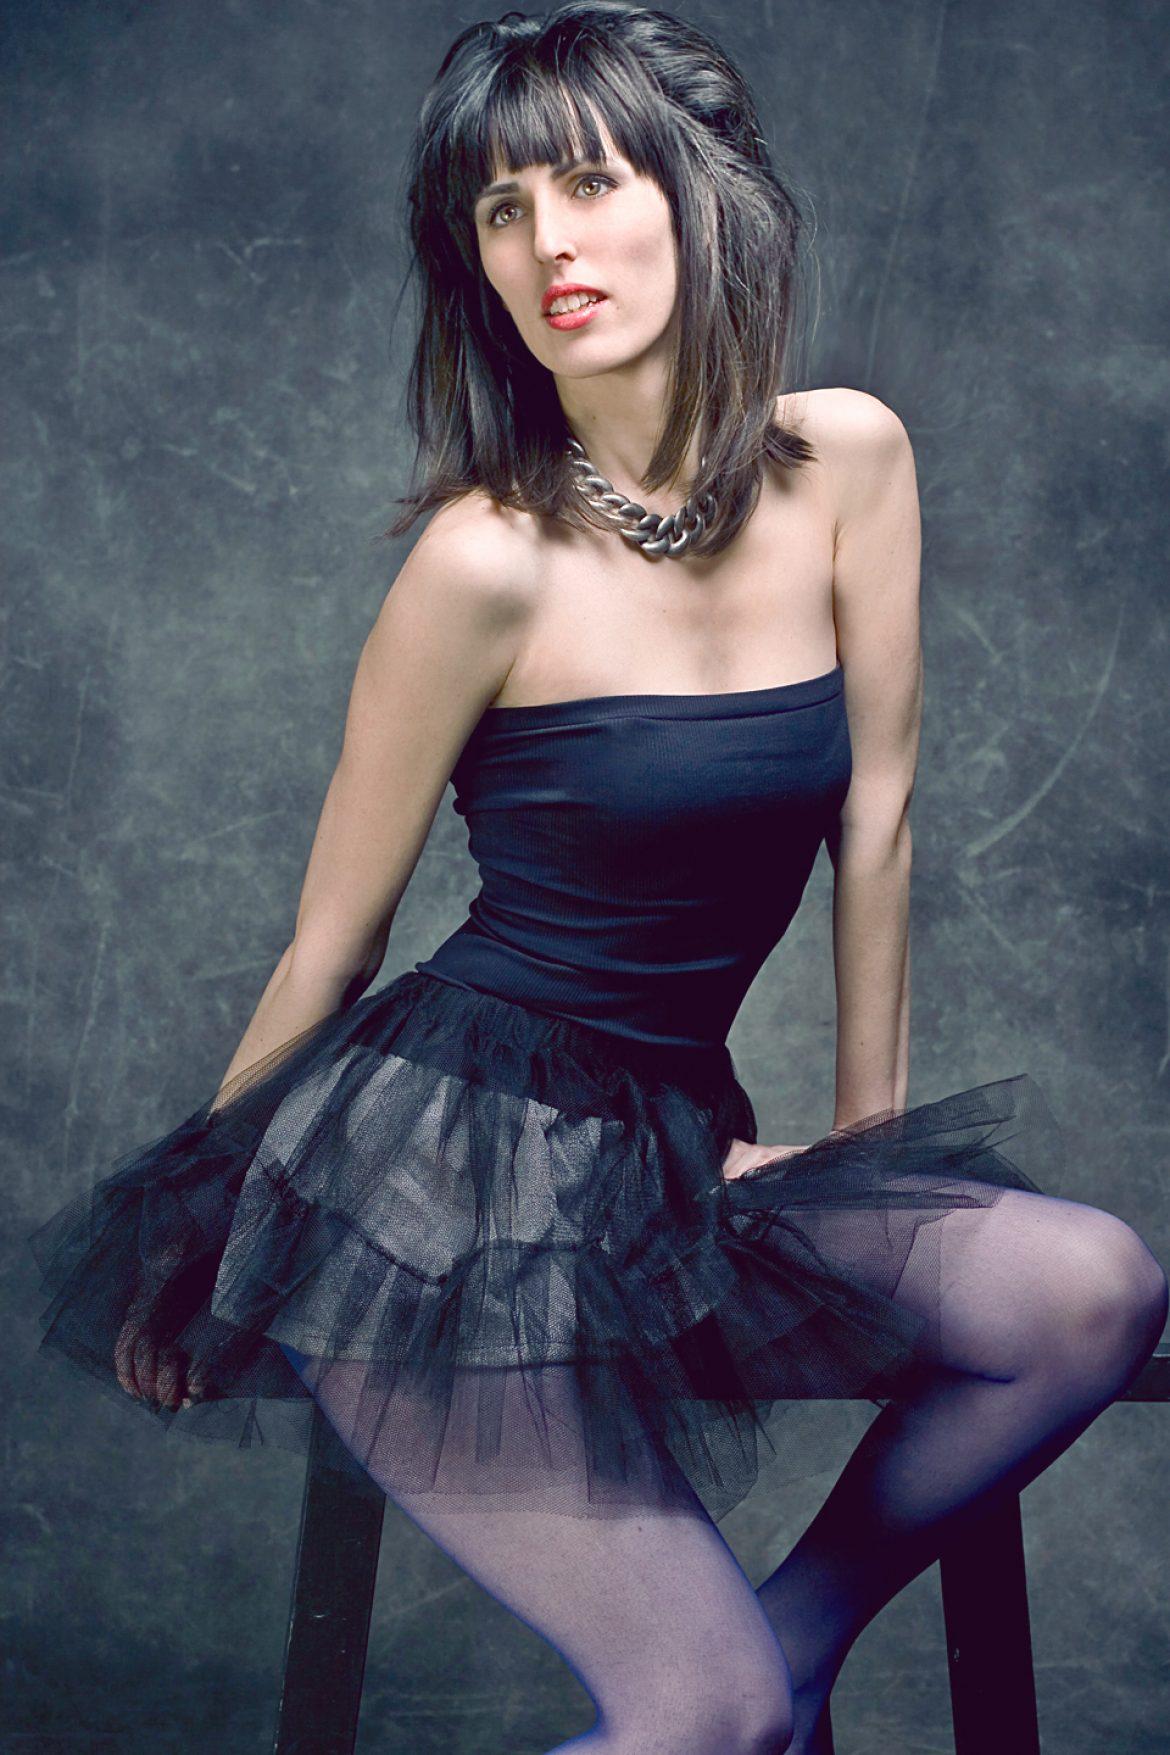 Model in skirt